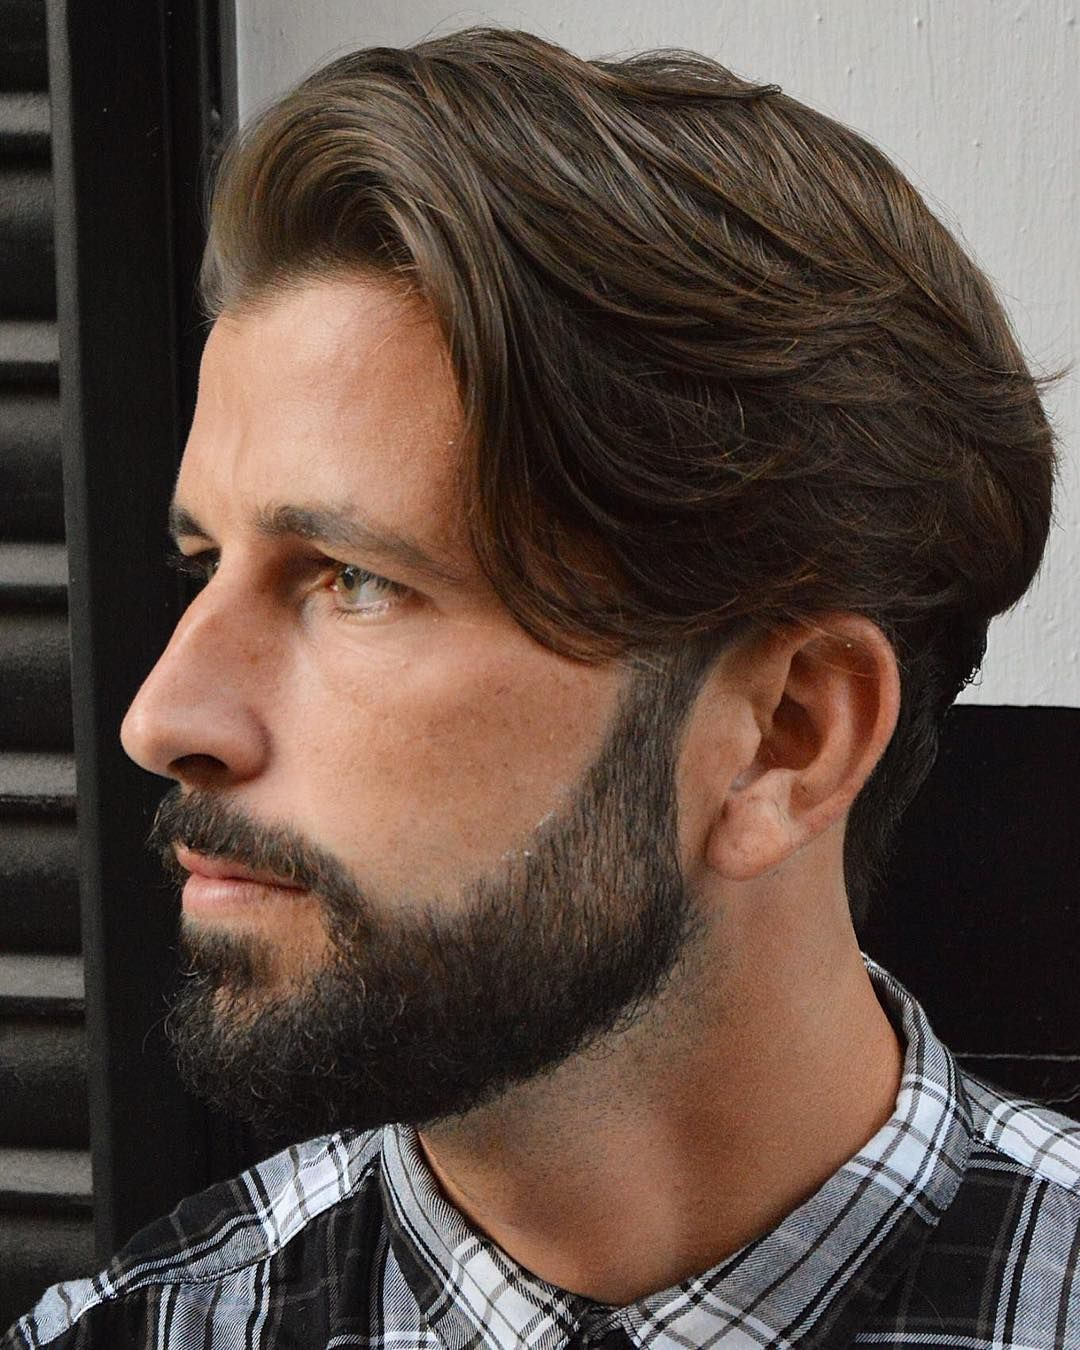 60+ long hairstyles for men (2019 update) | hair | long hair